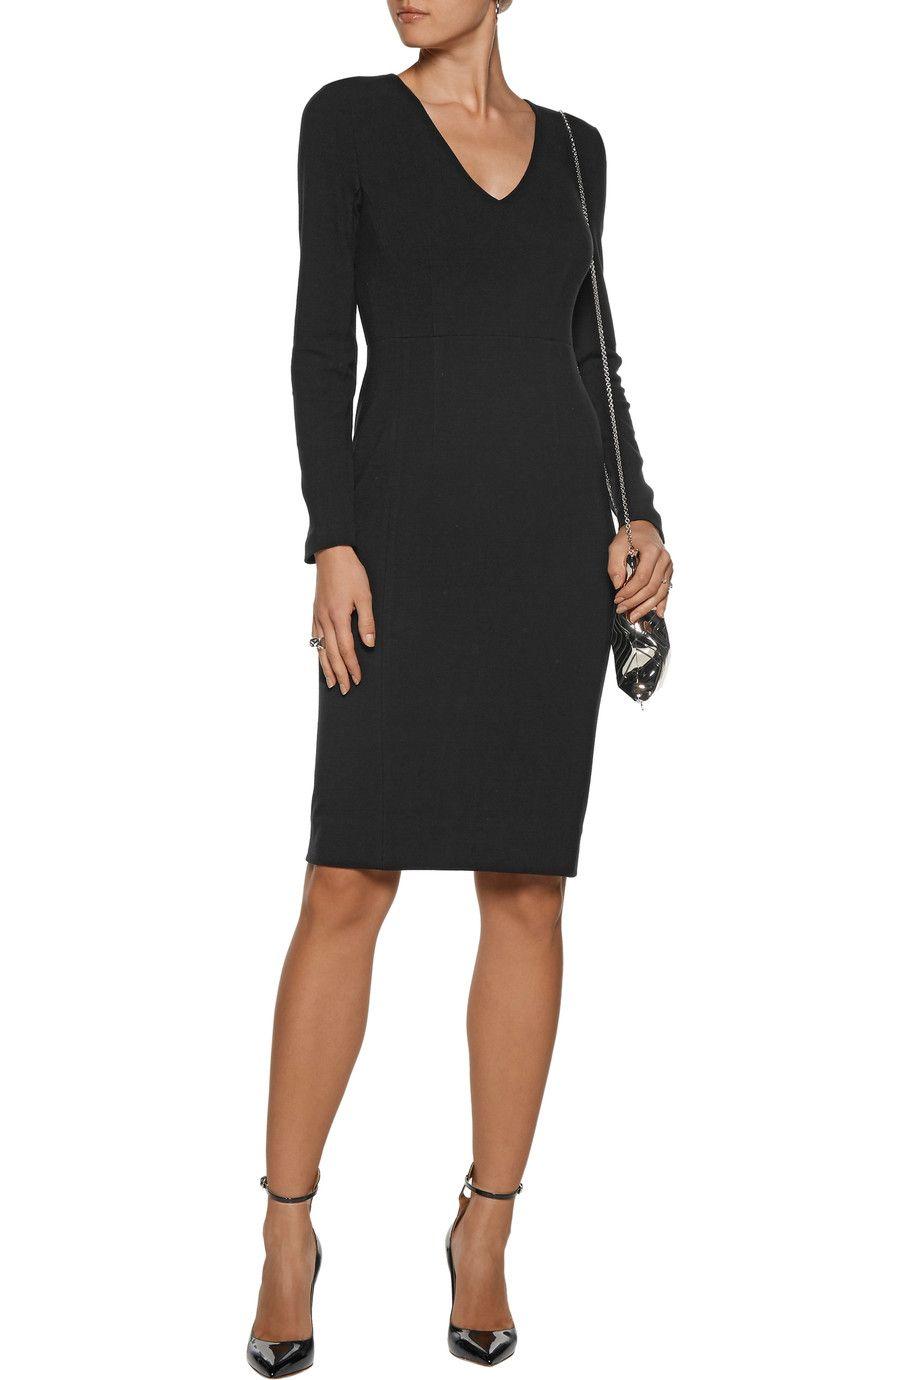 Diane von Furstenberg Milena crepe dress